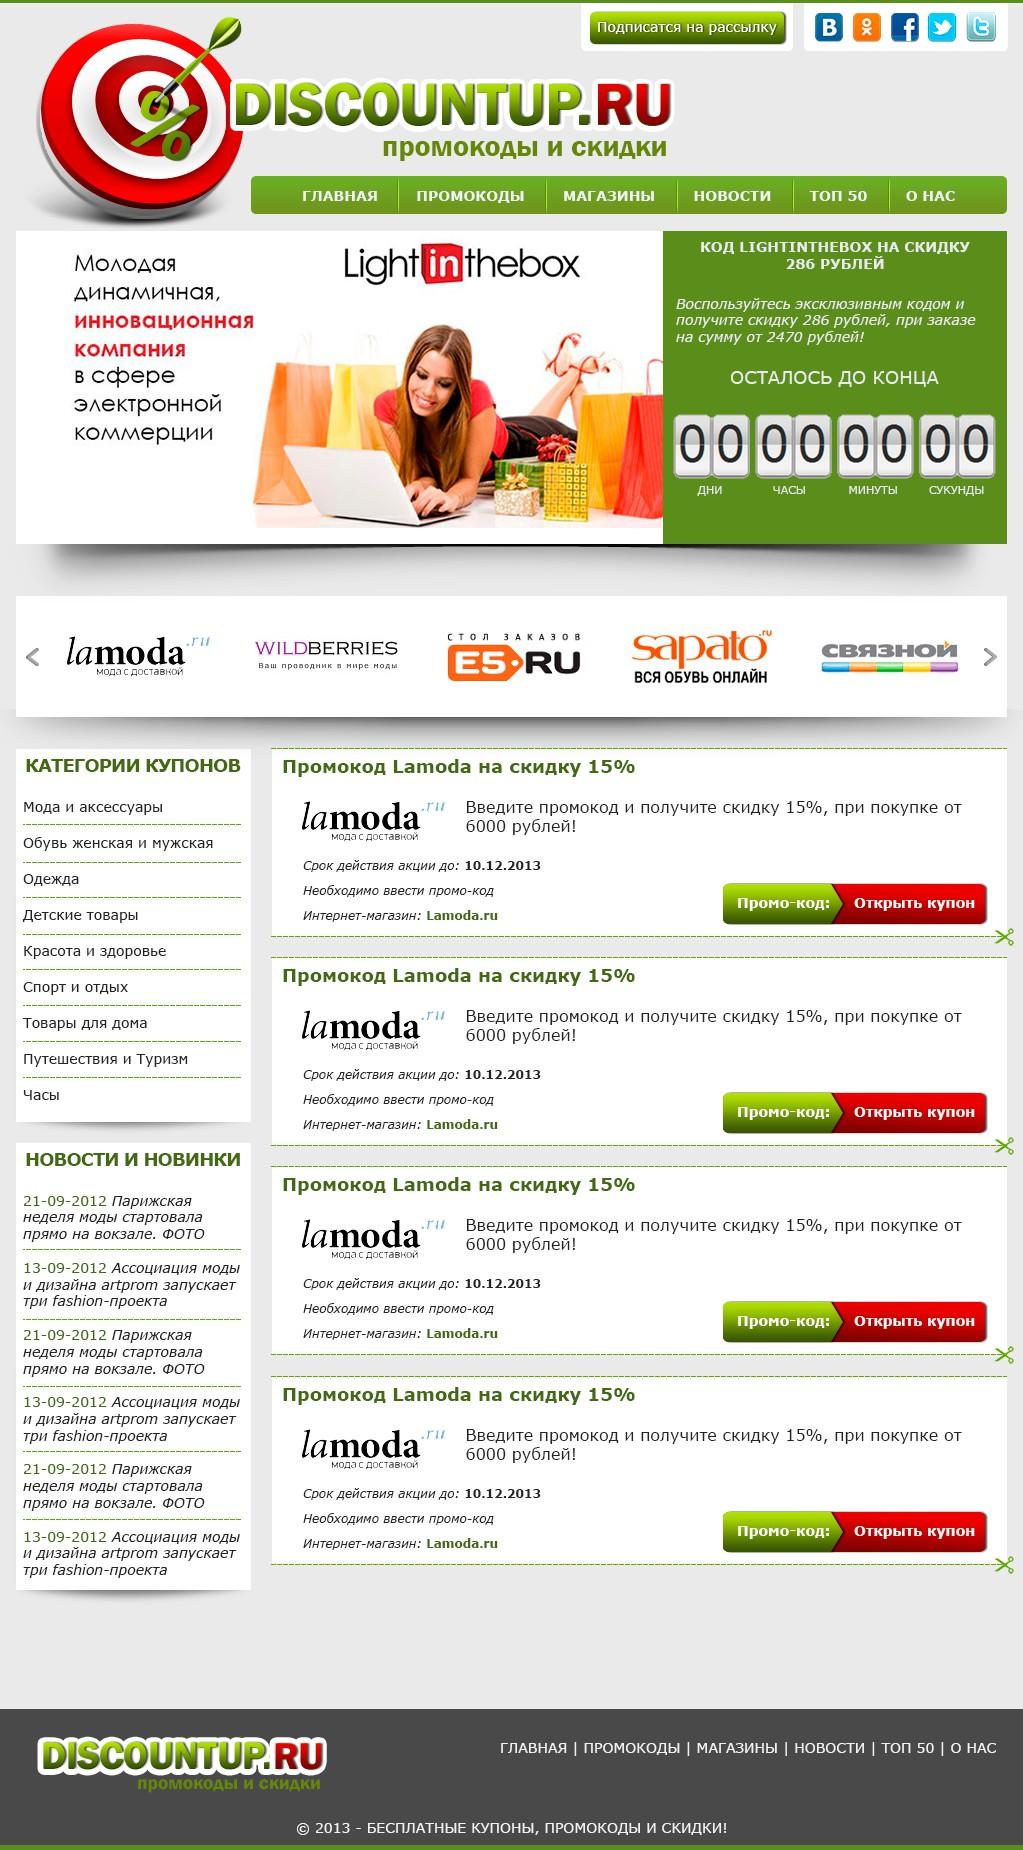 дизайн сата discountup.ru